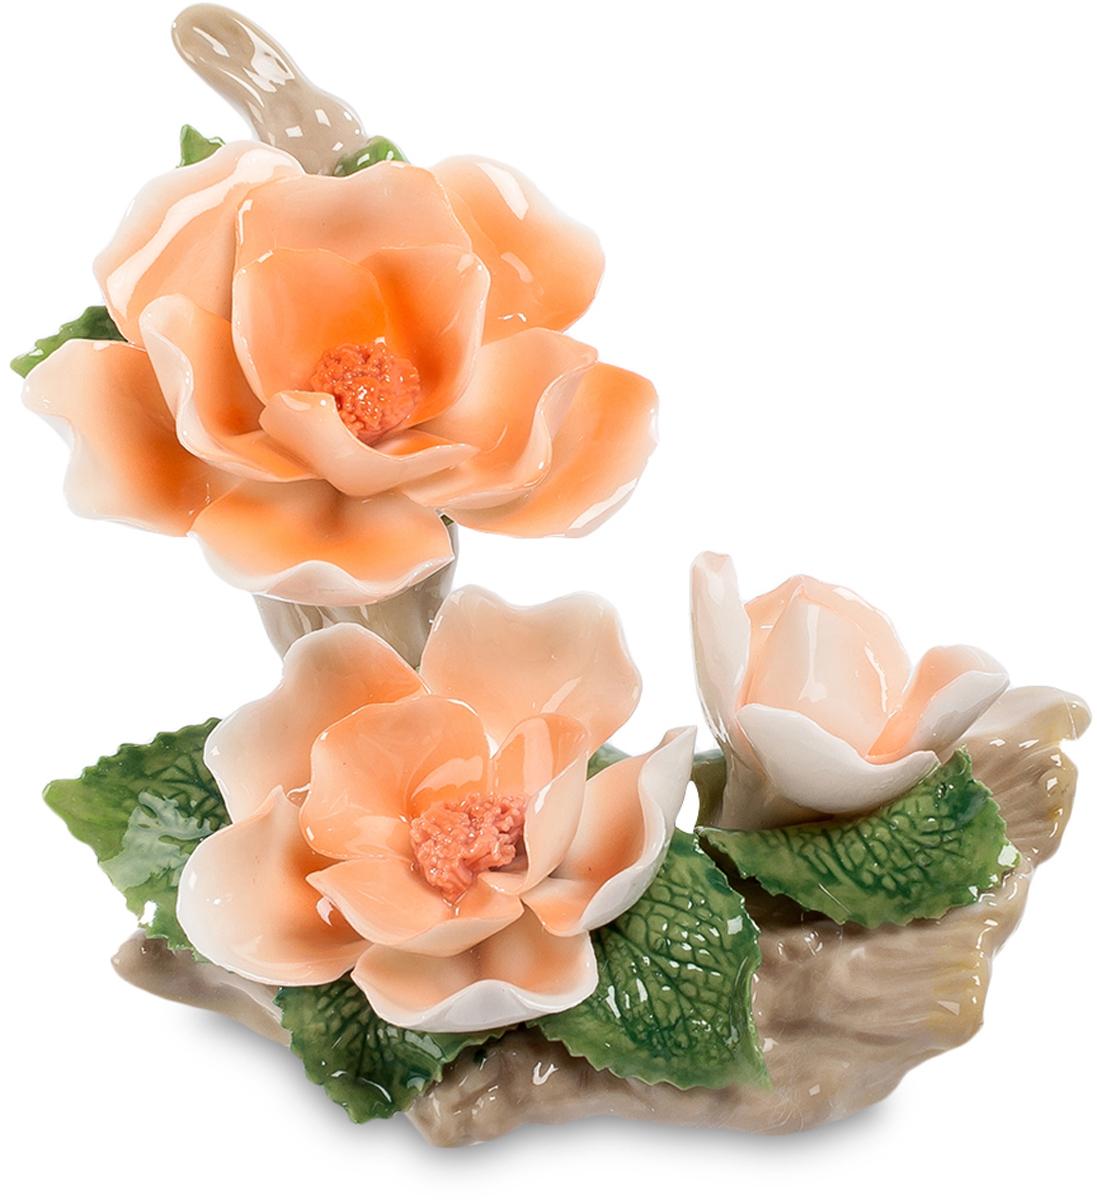 Композиция Pavone Чайная Роза. CMS-33/54CMS-33/54Композиция Чайная Роза (Pavone) На корявом куске сухого дерева разместилась созданная в стиле японской икебаны очаровательная лаконичная композиция из трех чайных роз. Две побольше, и одна – еще почти бутон. Цветы настолько красивы и изящны, что так и хочется их понюхать. Но они не пахнут, ведь они не живые, а фарфоровые. Не обязательно дарить полные корзины цветов, да еще таких, которые завянут через пару дней. А вот такая цветочная композиция станет маленьким, но ярким элементом в вашей комнате, напомнит о поре цветения и о том, кто принес этот замечательный подарок. Это – украшение на долгие времена, память на всю долгую жизнь.